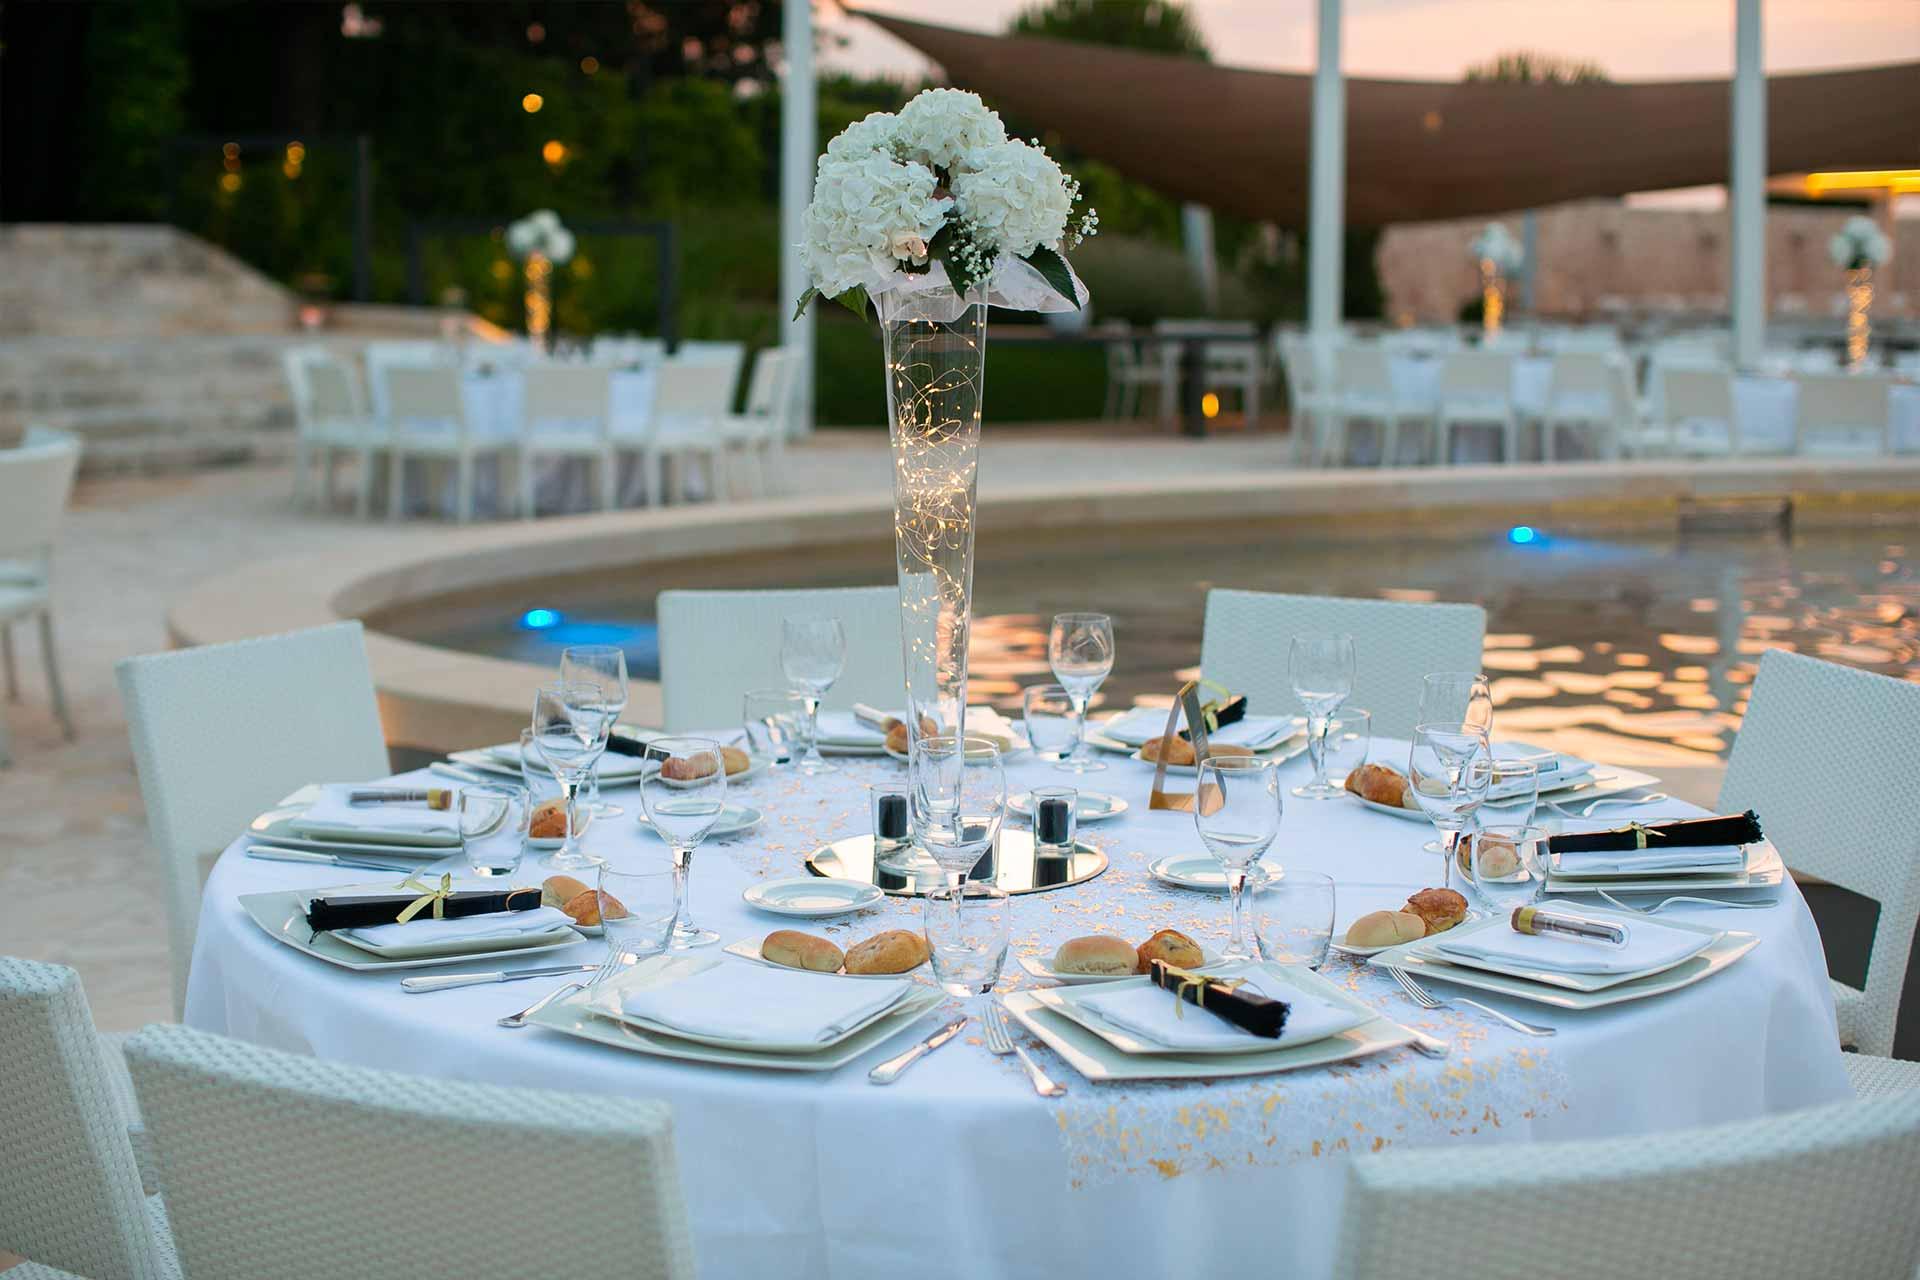 Fiori e allestimenti floreali per il matrimonio